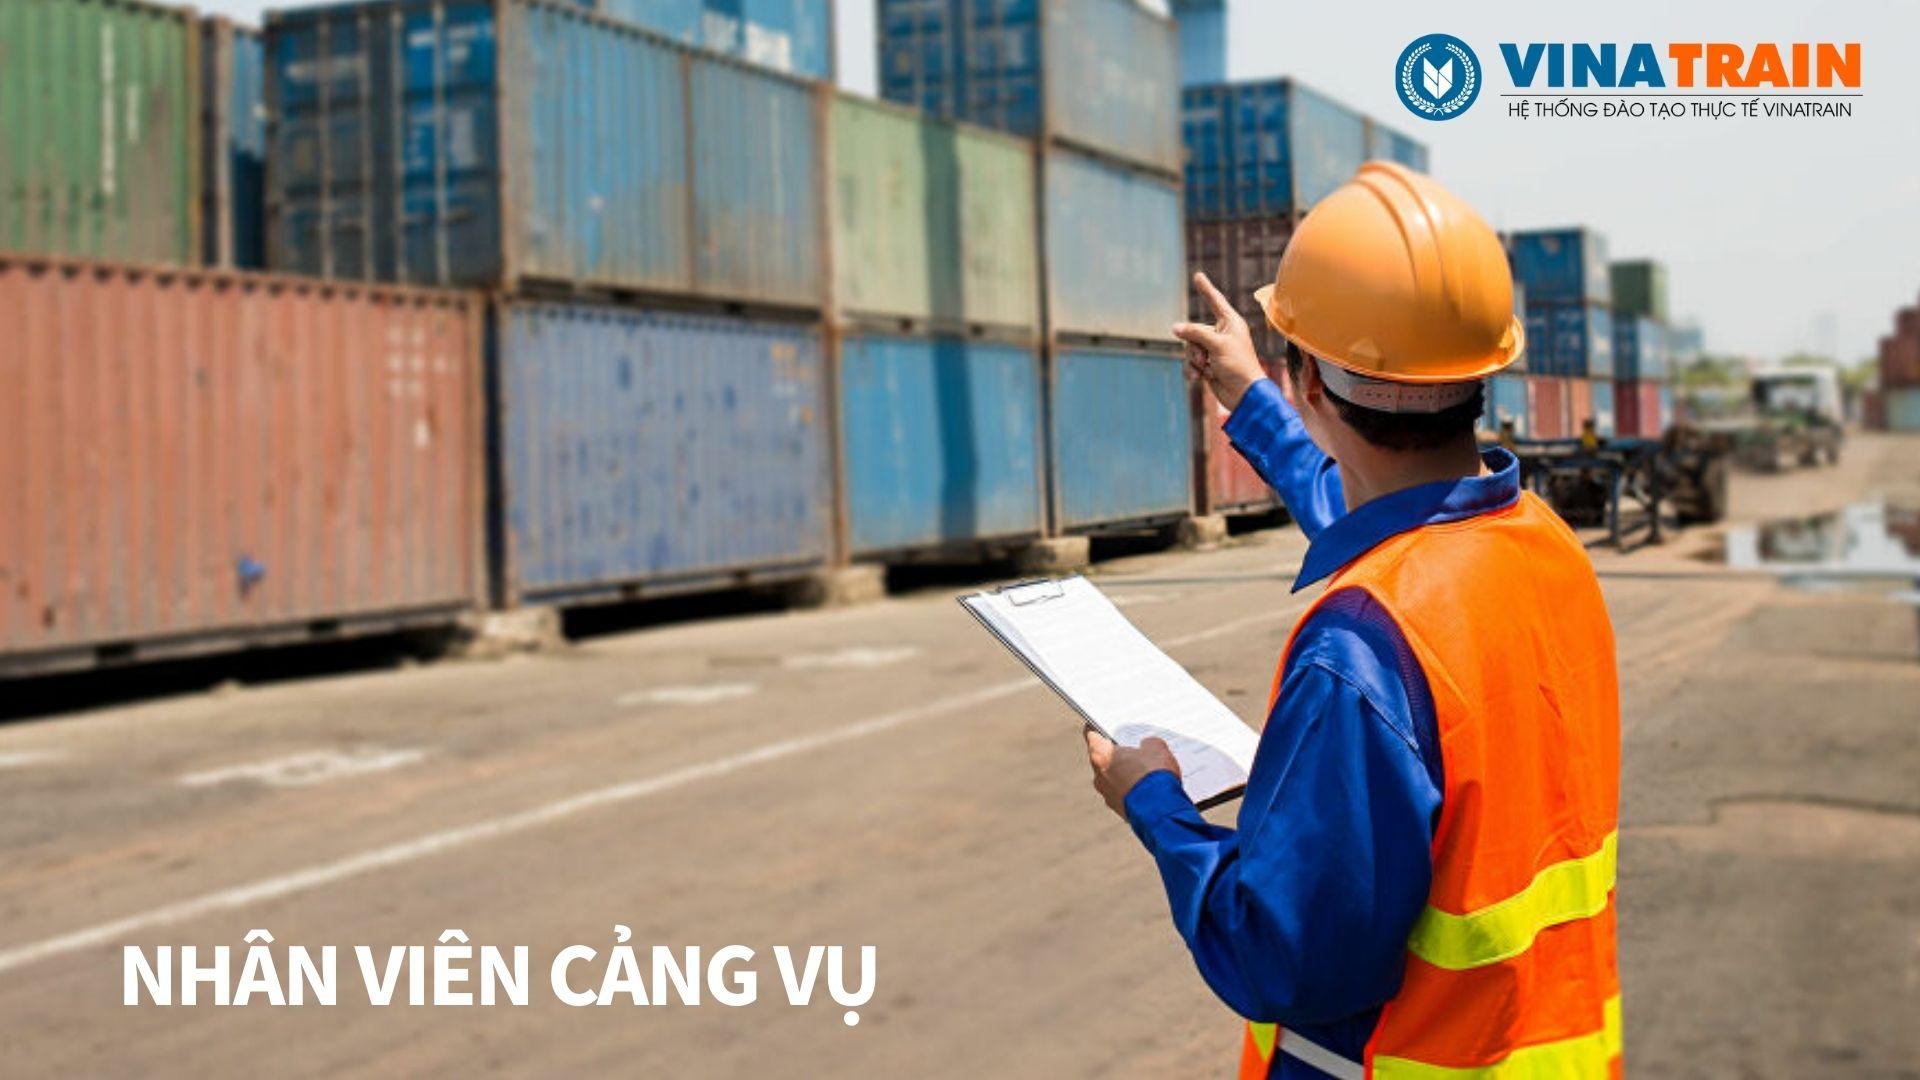 Nhân viên cảng vụ làm việc tại cảng biển và đất liền